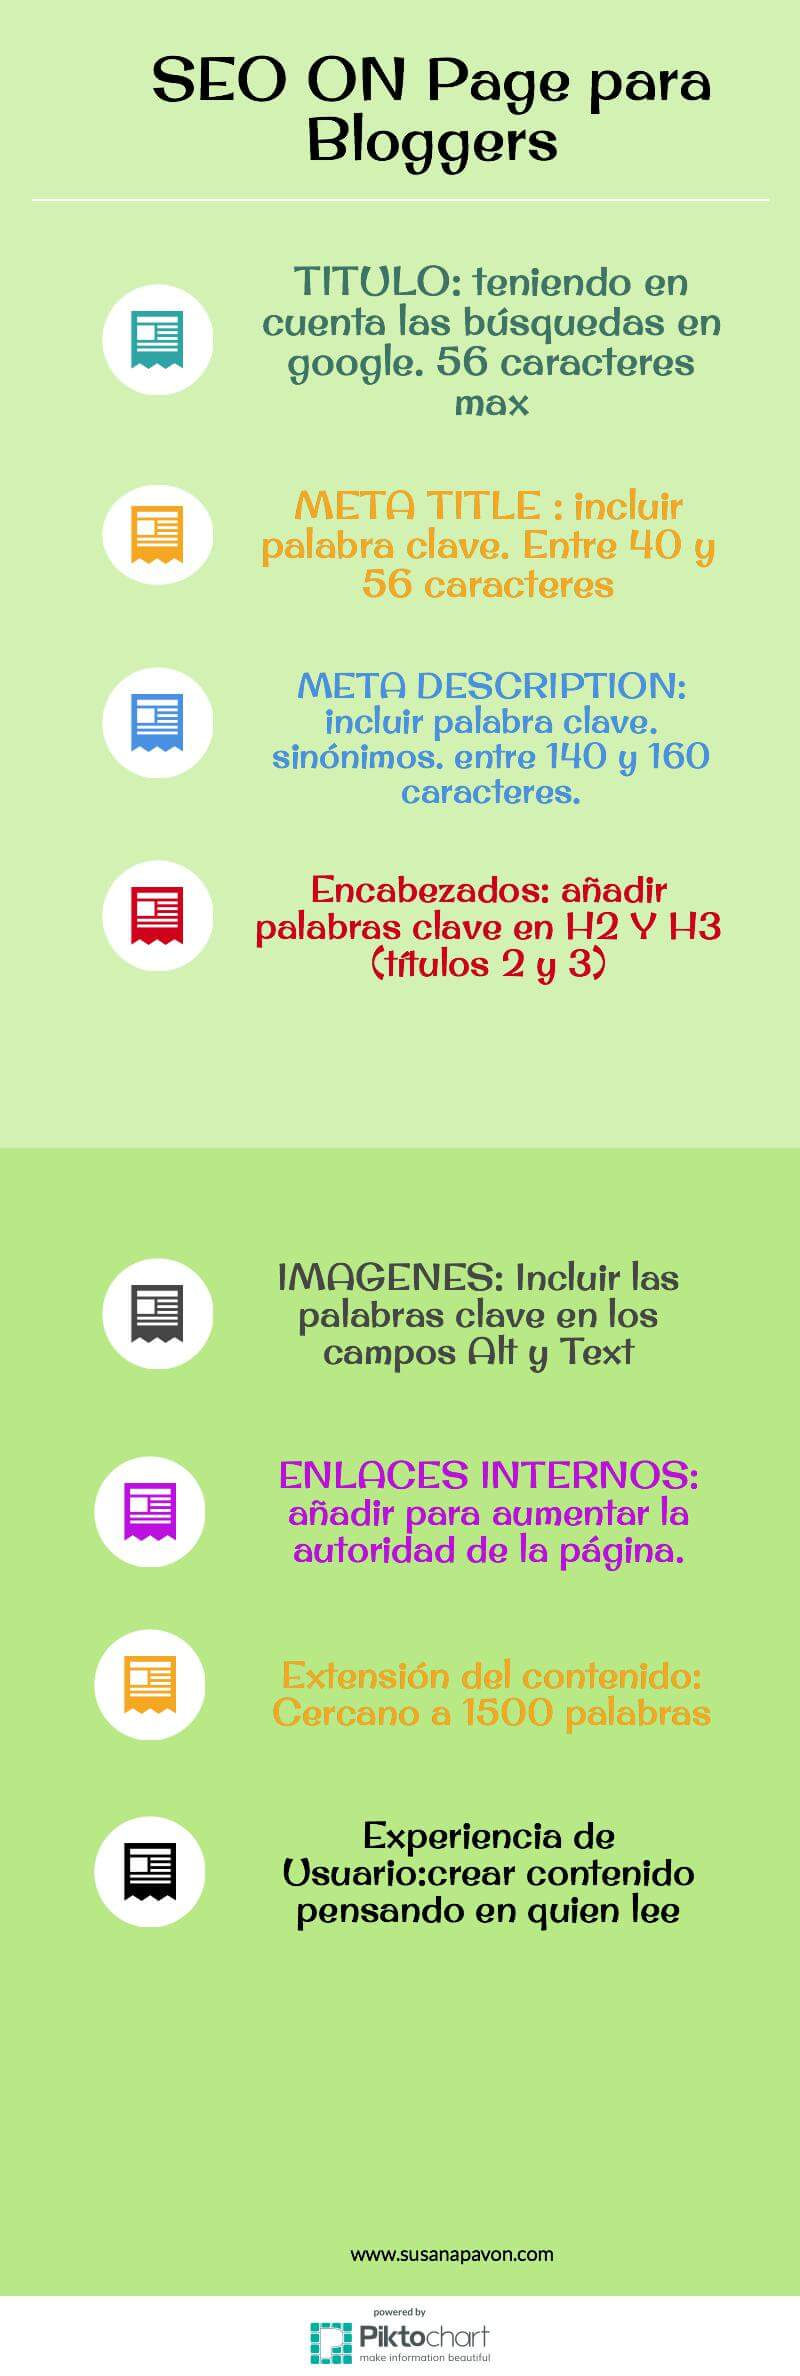 Qué y cómo comparten contenidos los bloggers e influencers #infografía #infographic #marketing https://ticsyformacion.com/2017/11/19/comparten-contenidos-los-bloggers-e-influencers-infografia-infographic-marketing Presentaciones atractivas en 10 pasos #infografia #infographic #design https://ticsyformacion.com/2017/11/19/presentaciones-atractivas-10-pasos-infografia-infographic-design